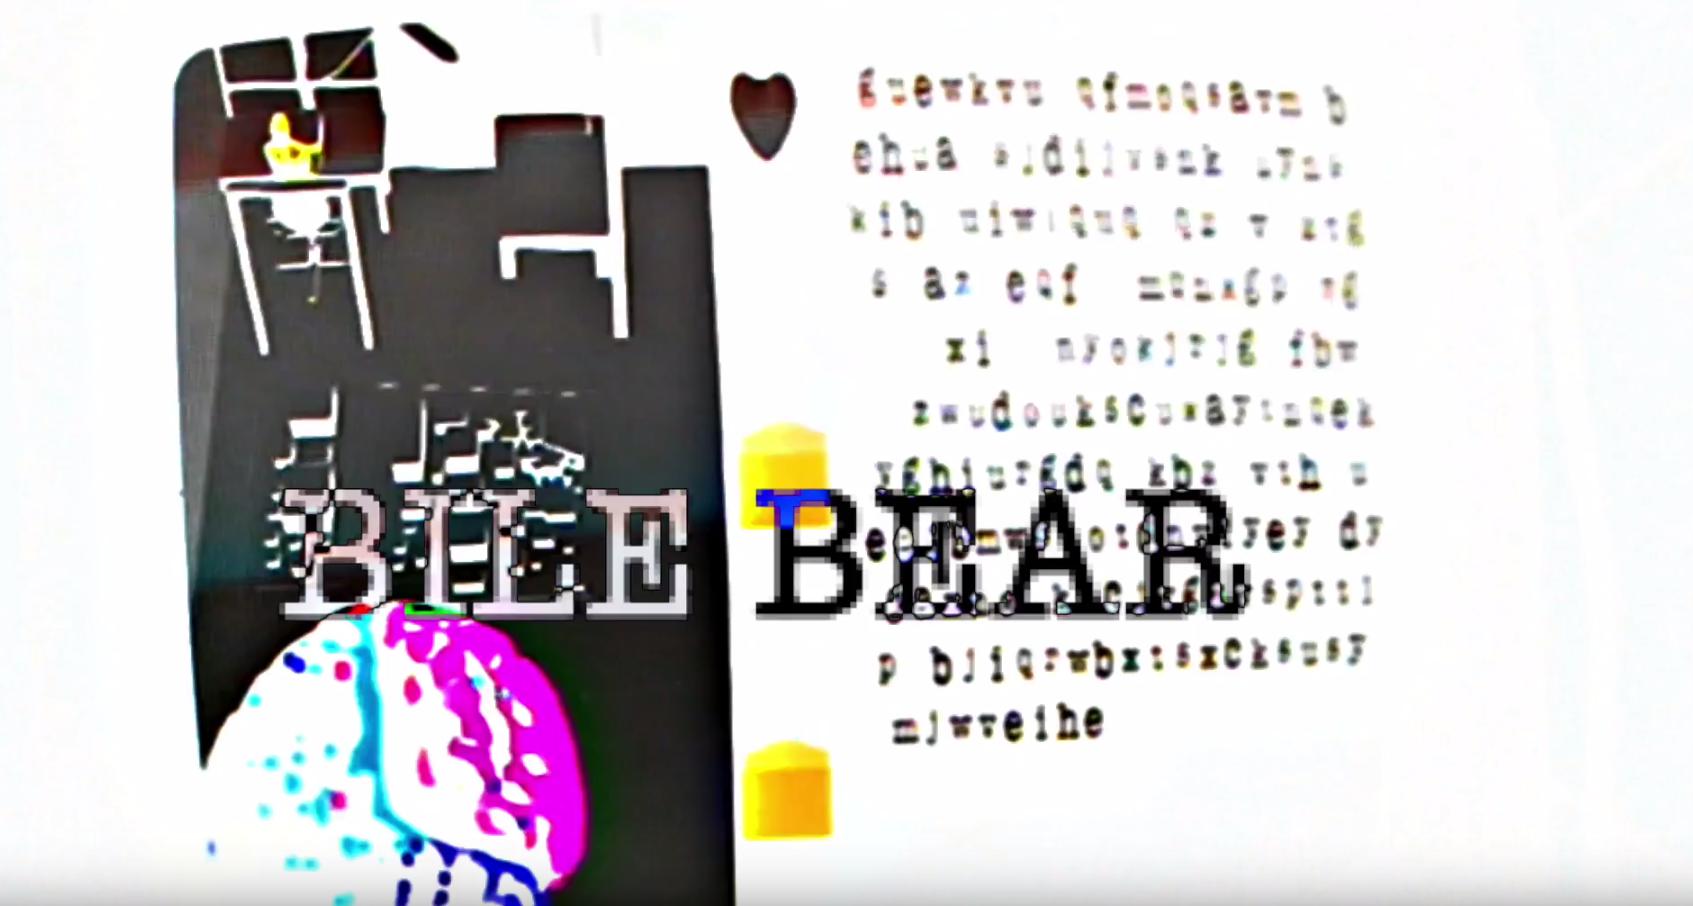 bile bear - an automatic author